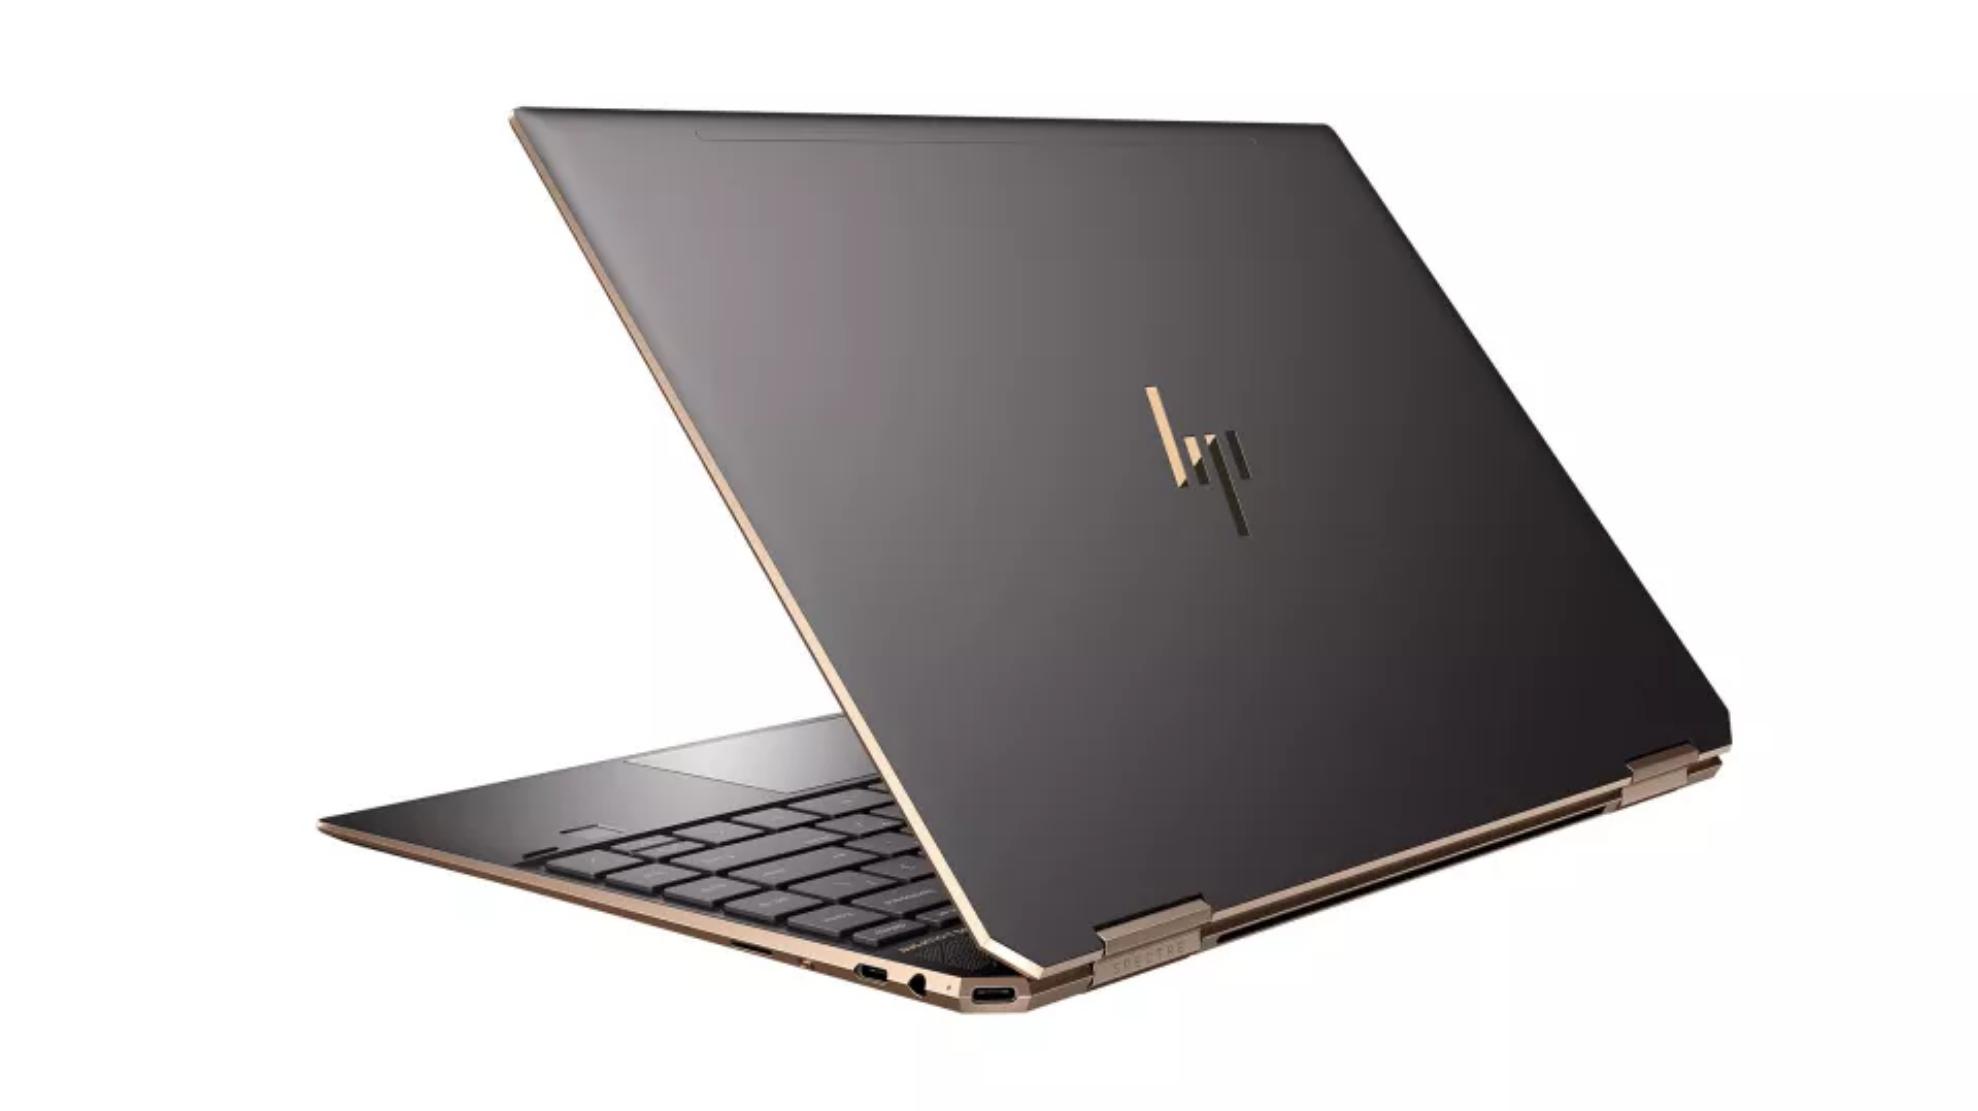 围观!2021年最佳笔记本电脑排行榜:六款最佳笔记本电脑